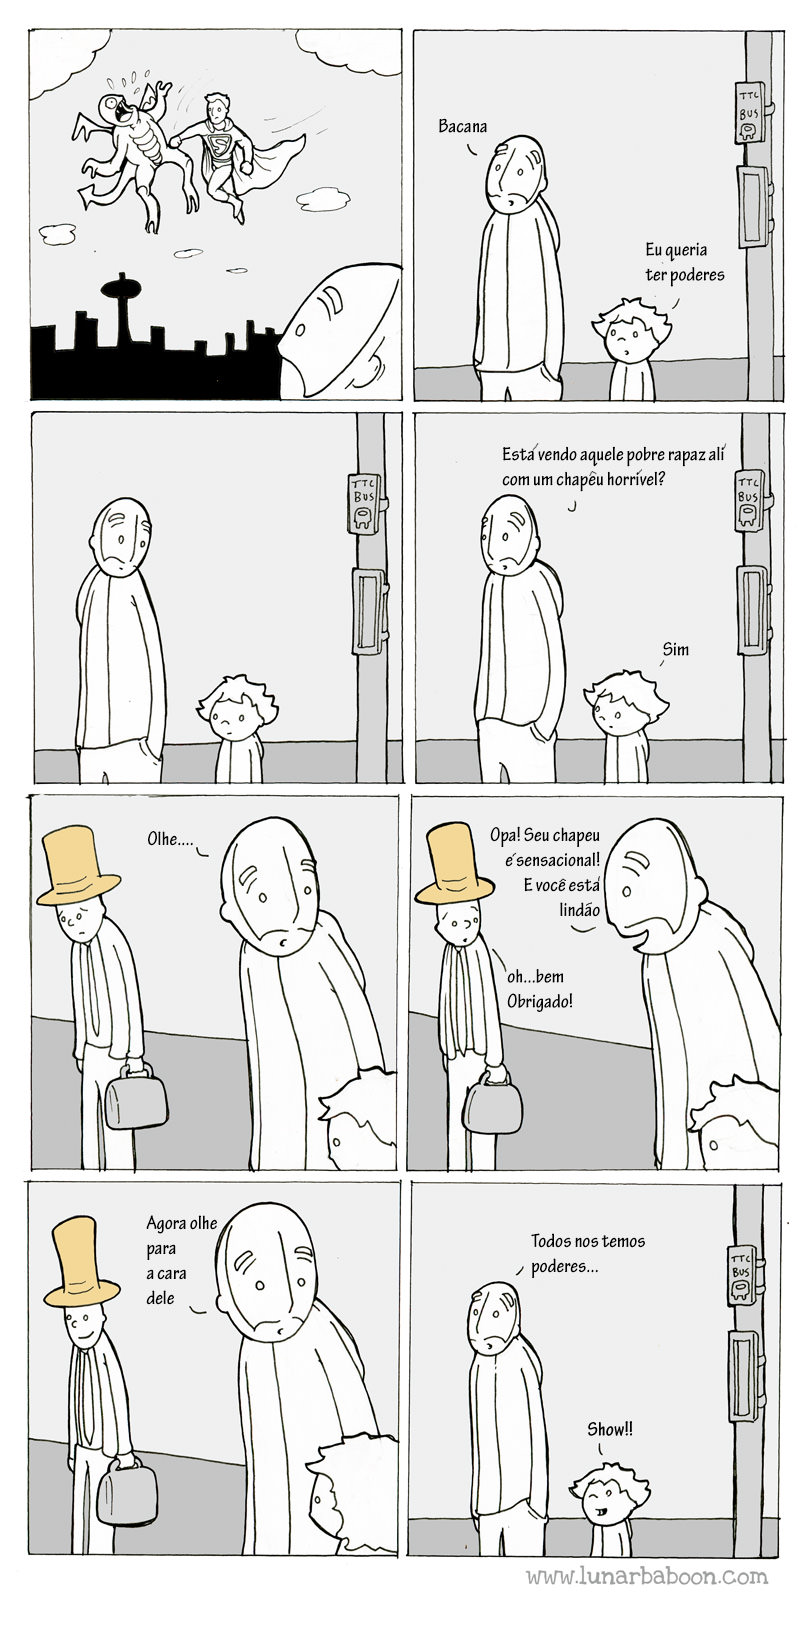 todos-nós-temos-super-poderes